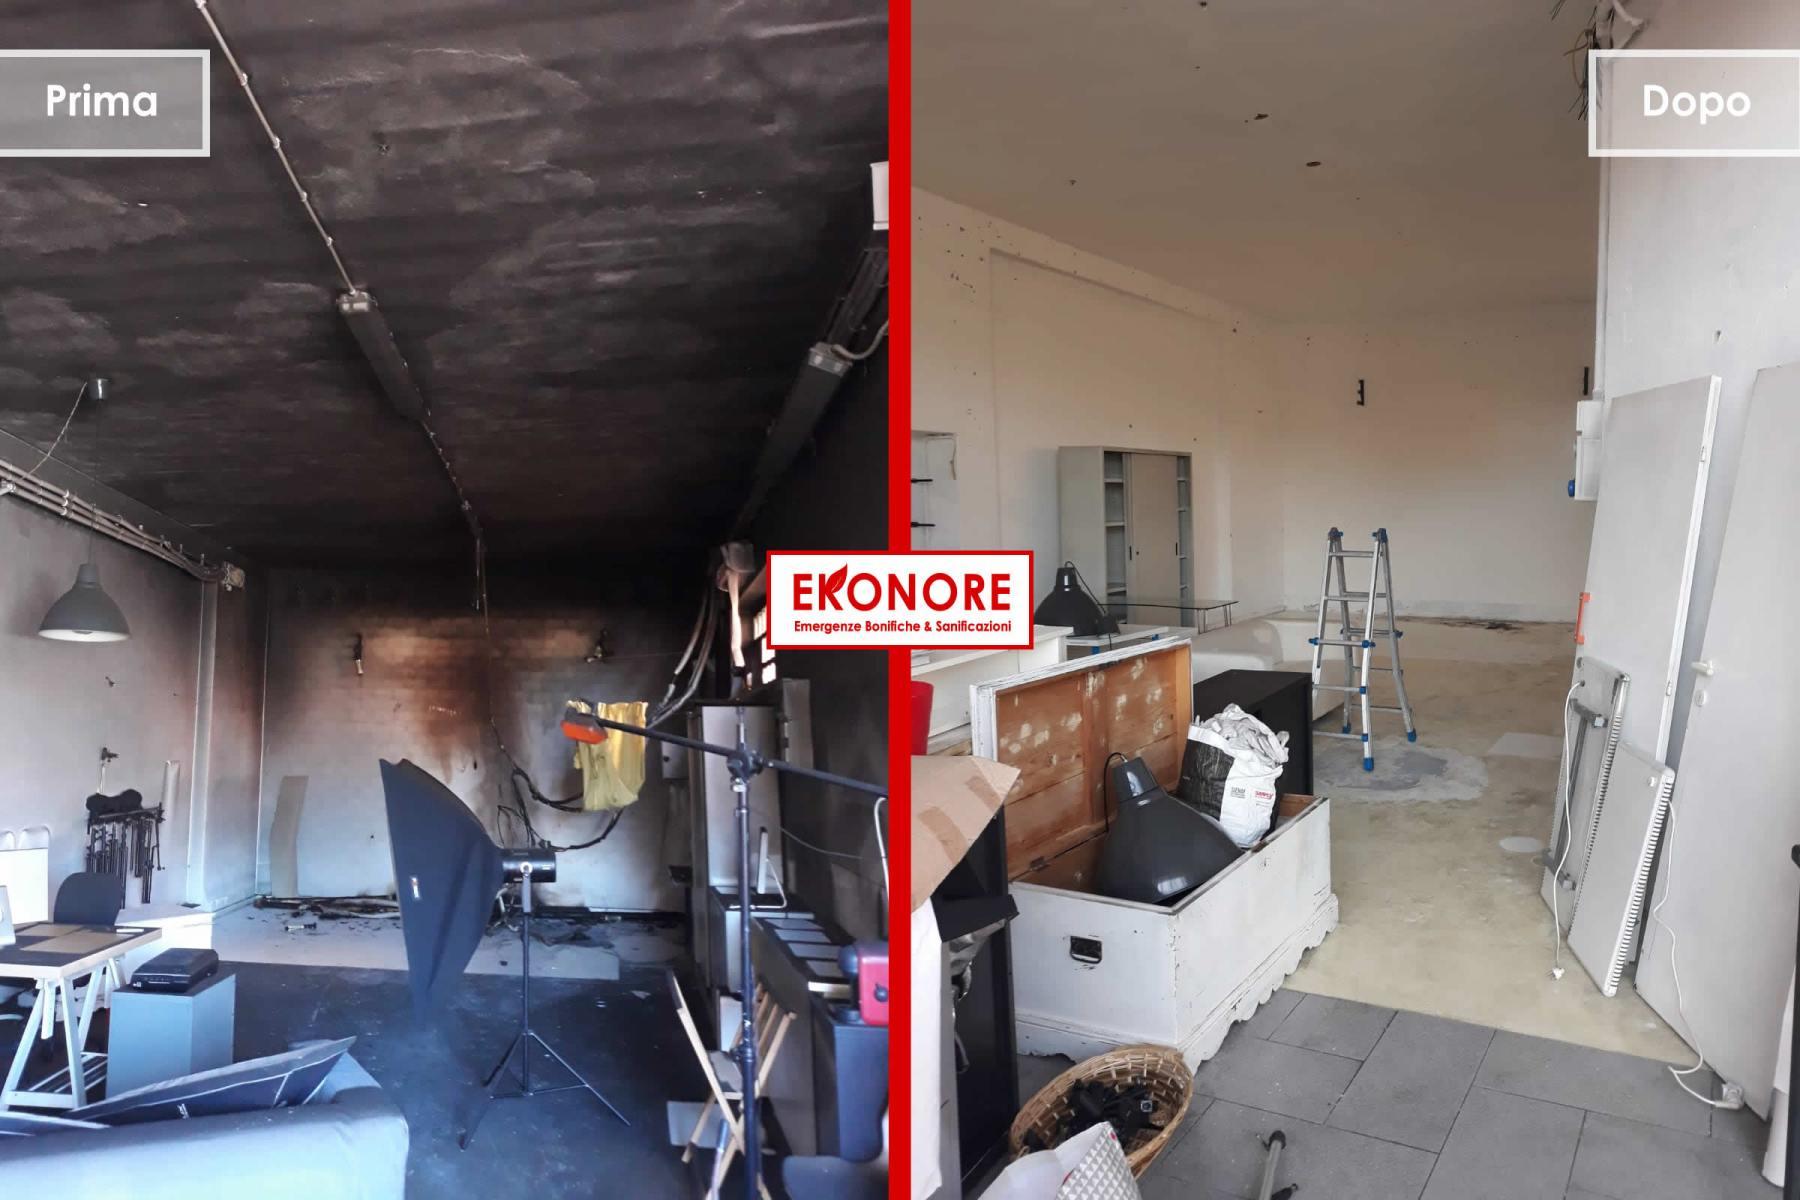 bonifica post incendio pulizia e smaltimento